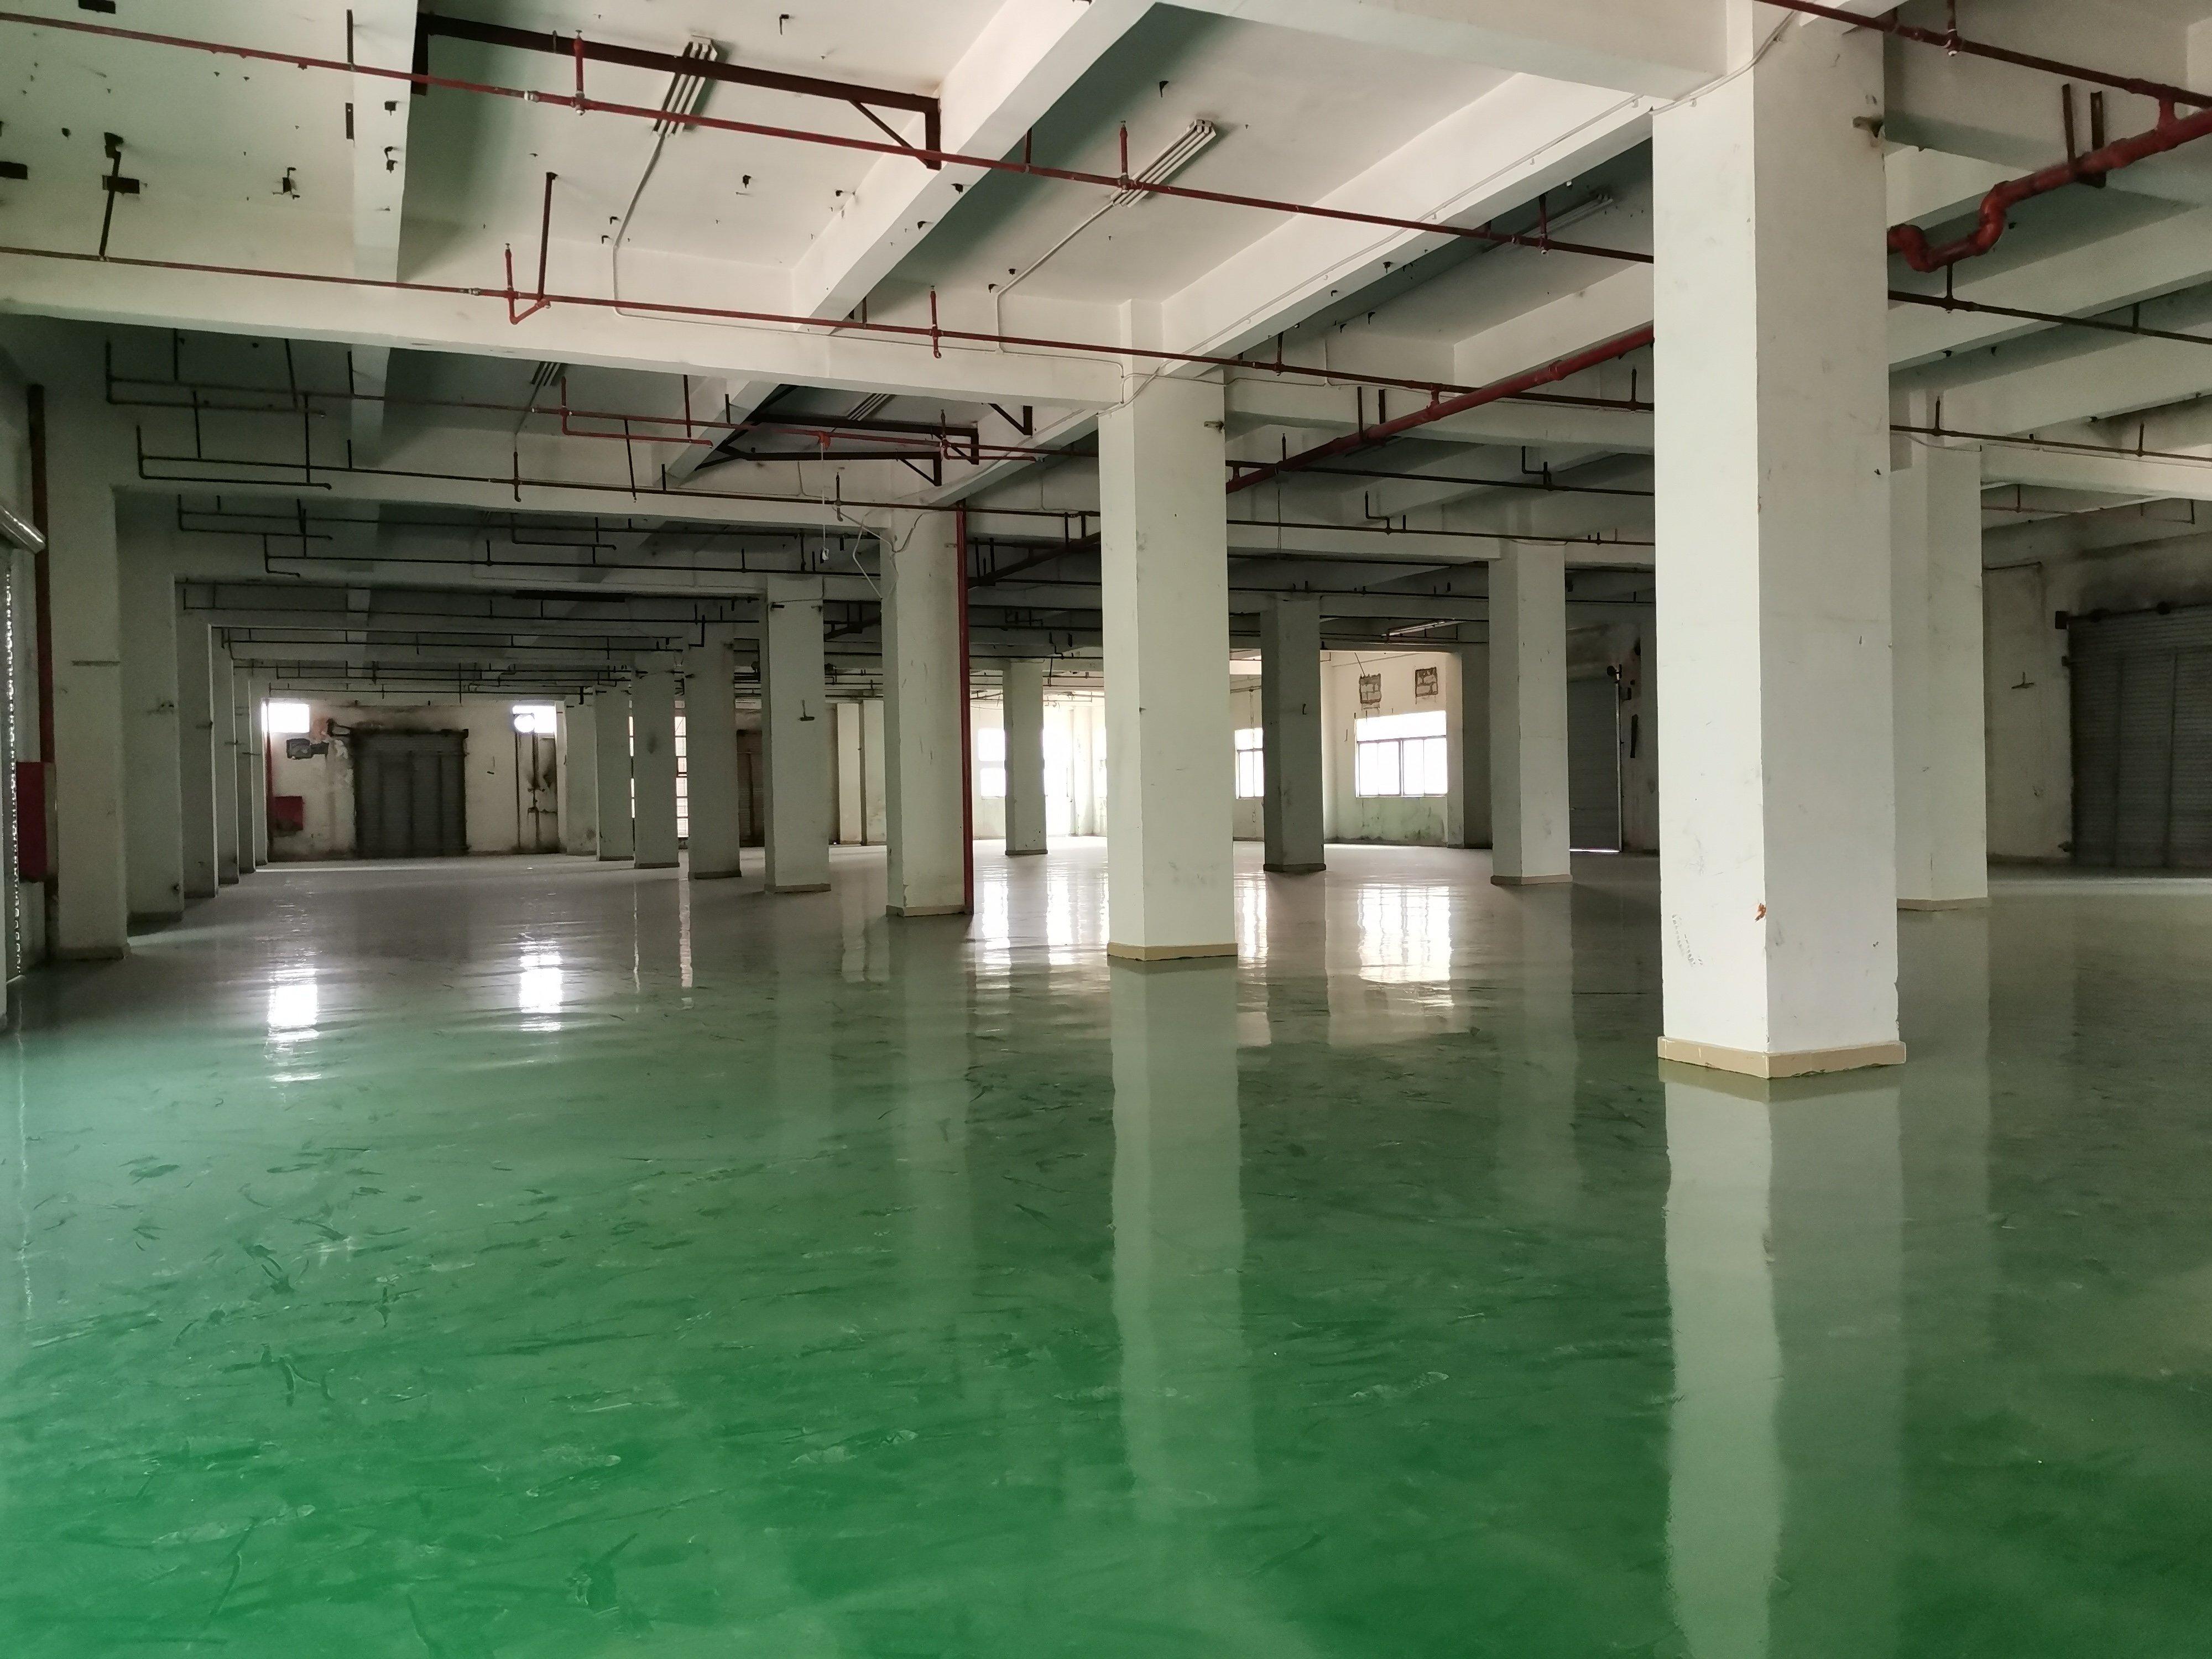 布吉李朗单层2800带消防喷淋地坪漆厂房三台电梯可做仓库